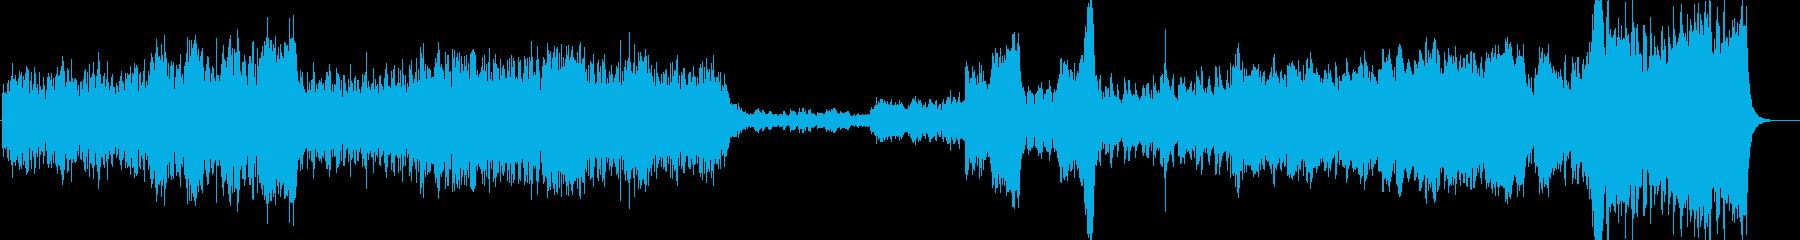 新しい始まりを示すオーケストラの再生済みの波形